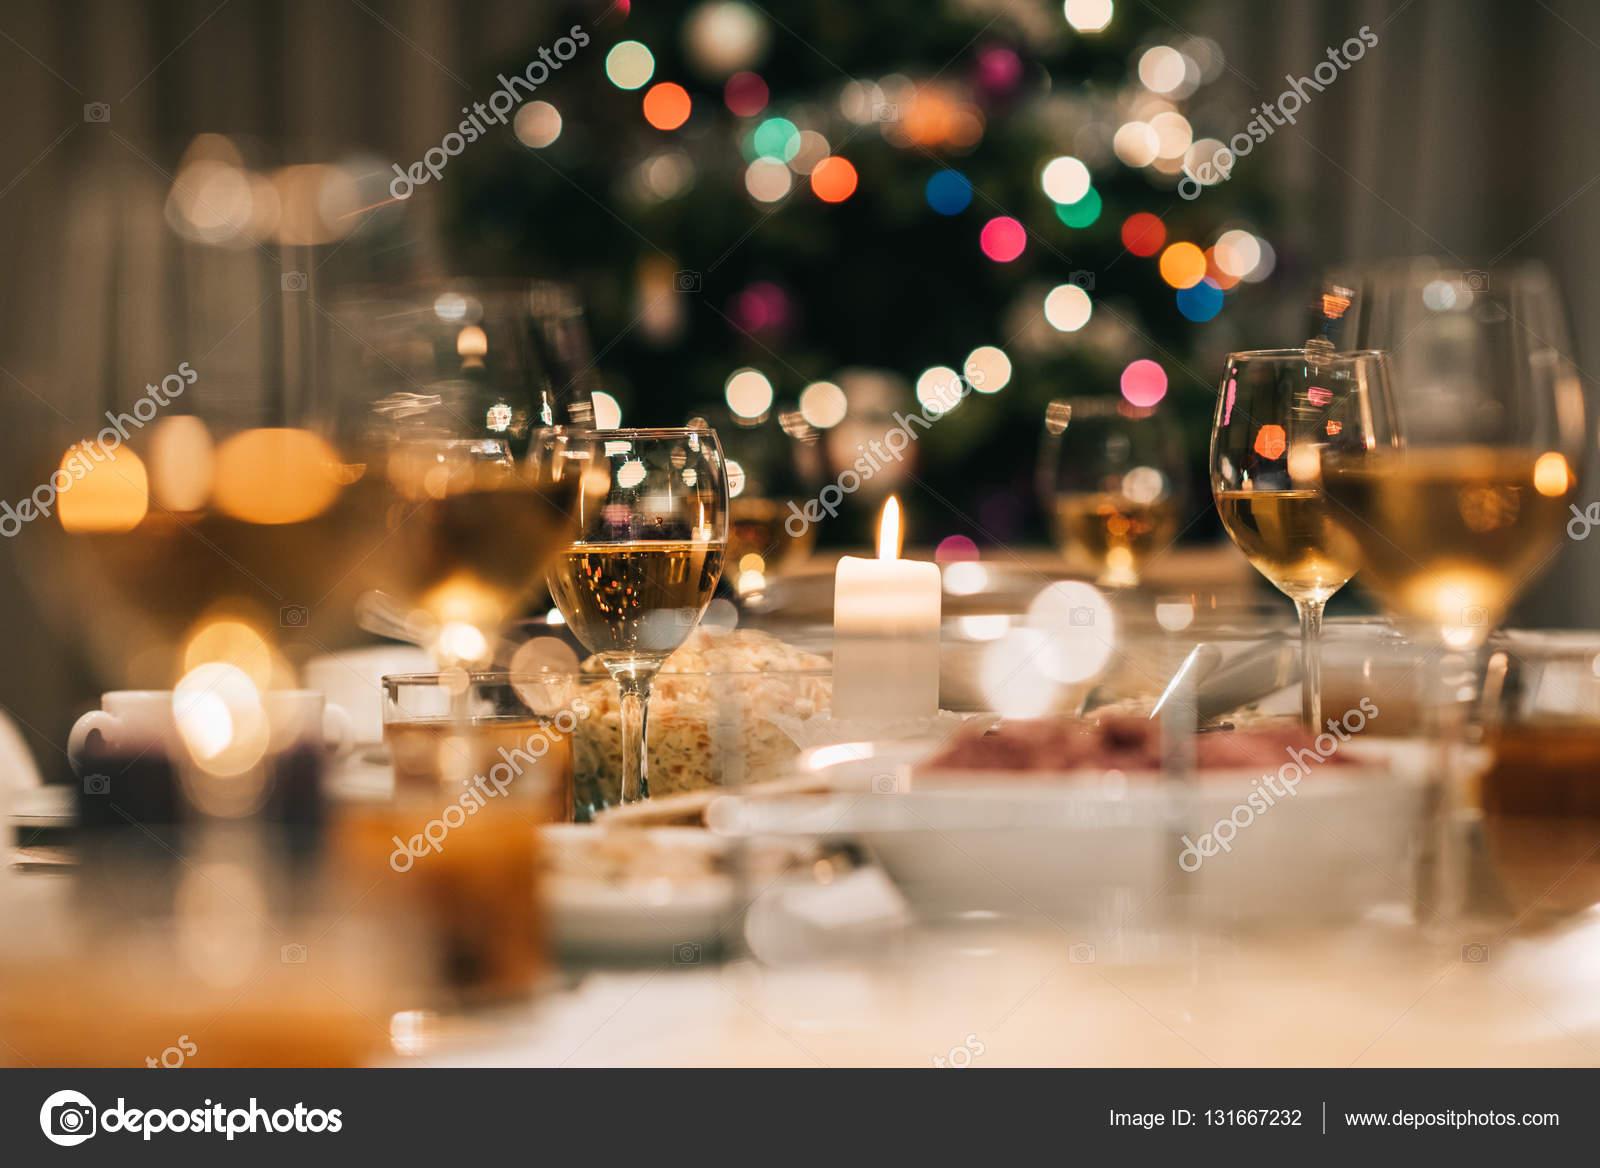 축제 음식 가득한 다 이닝 테이블 — 스톡 사진 © mavoimages #131667232